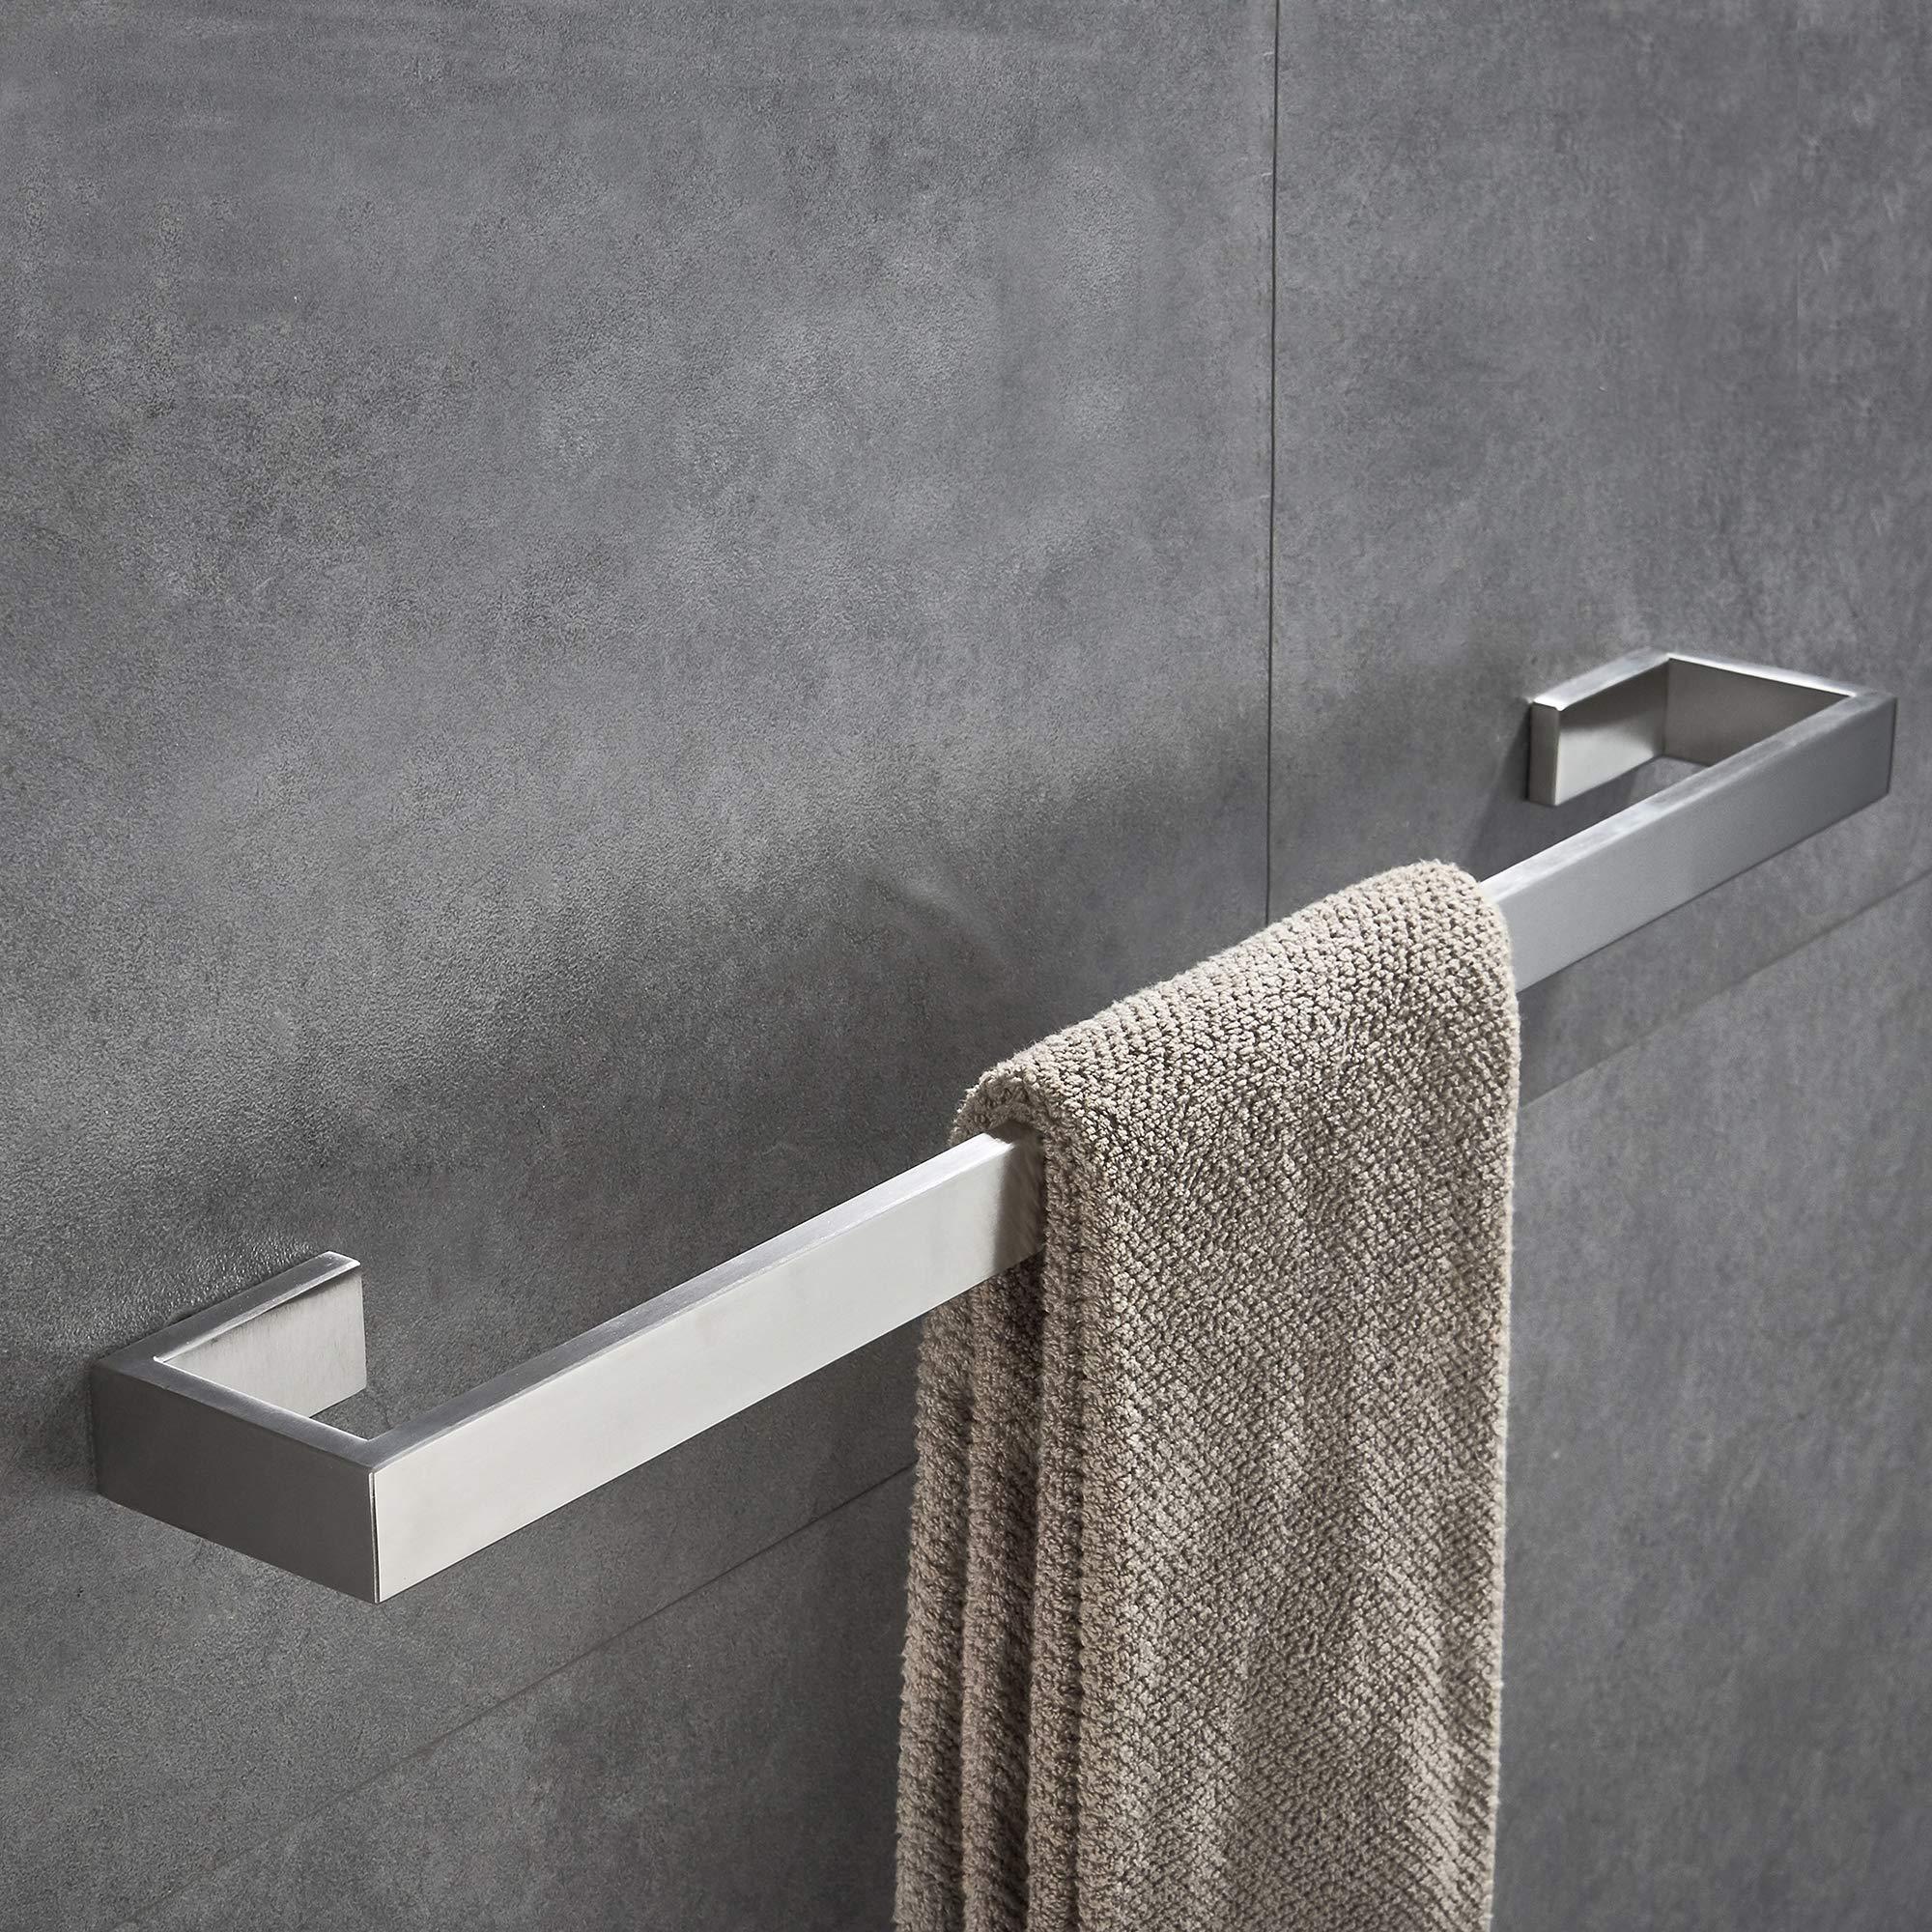 JunSun Towel Bar 24-Inch Stainless Steel Towel Holder Towel Bar Bathroom Accessories Stainless Steel Towel Bars Towel Rack Wall Mounted Stainless Steel Bathroom, Brushed Nickel